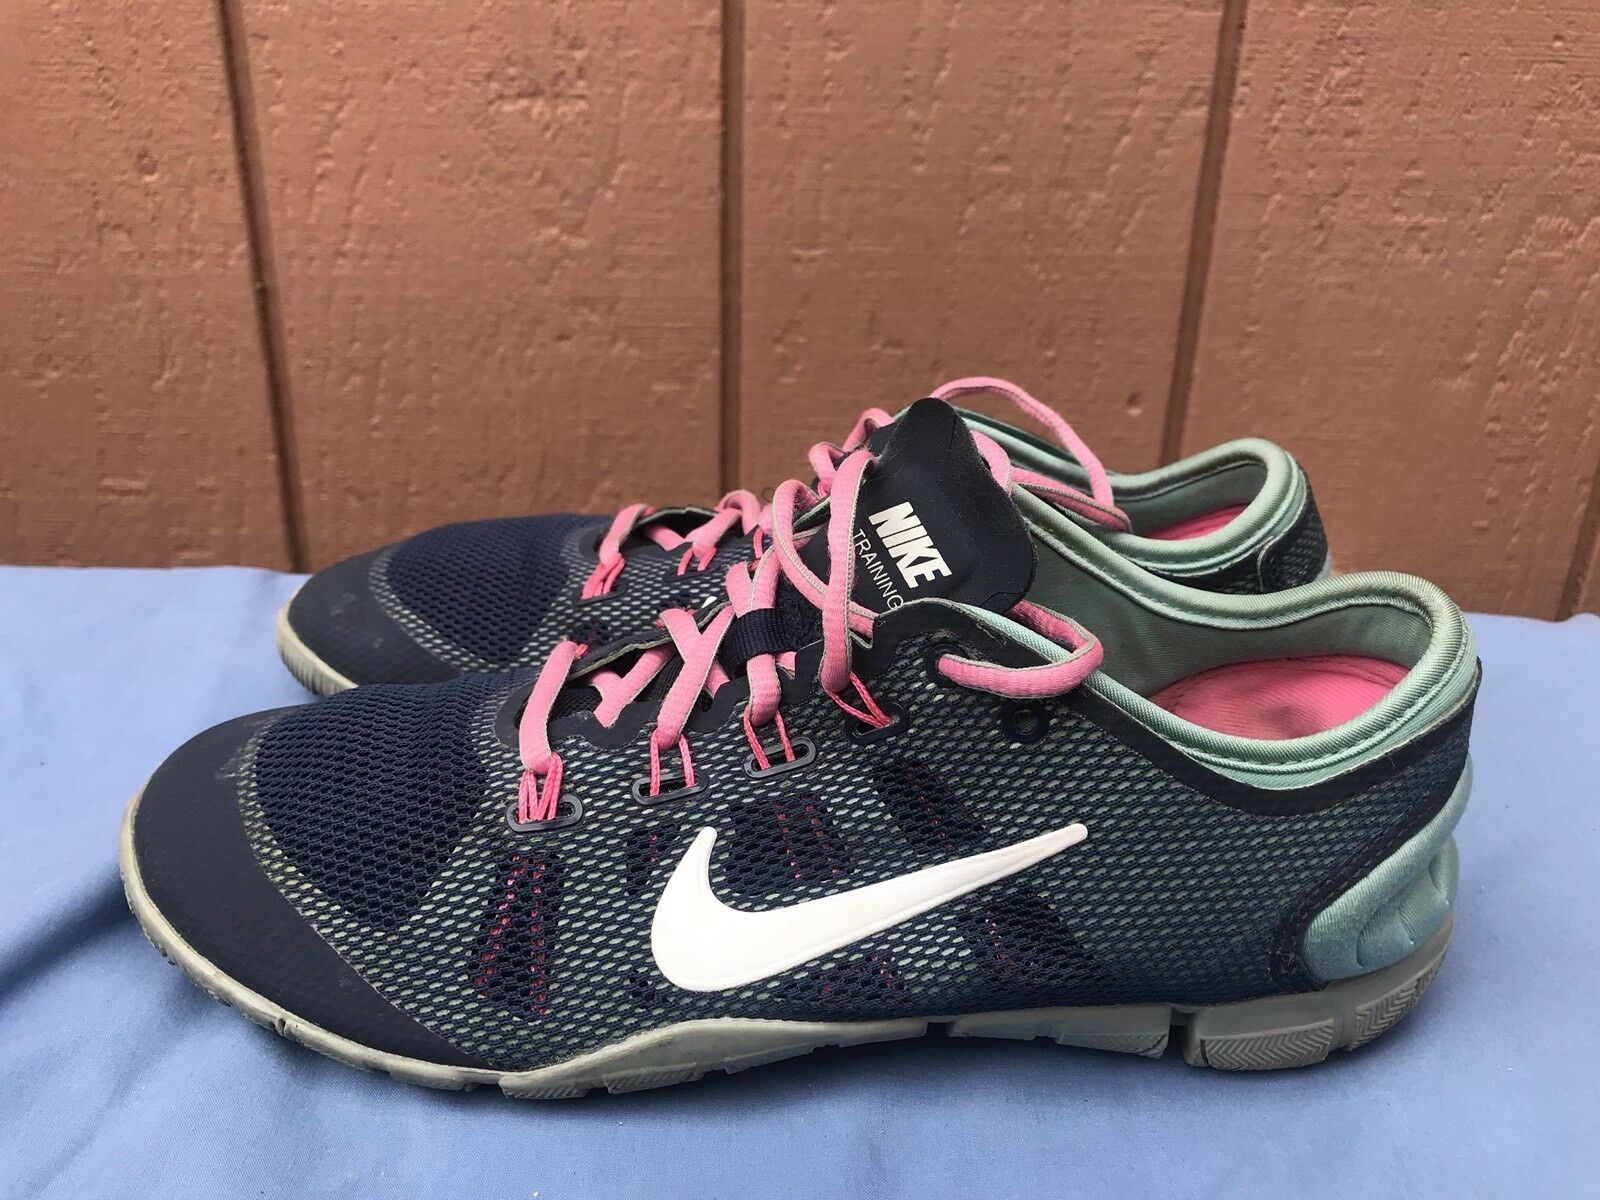 official photos 432d4 6c610 EUC Nike Training Bionic mujeres es es es cómodo baratos zapatos de mujer  zapatos de mujer